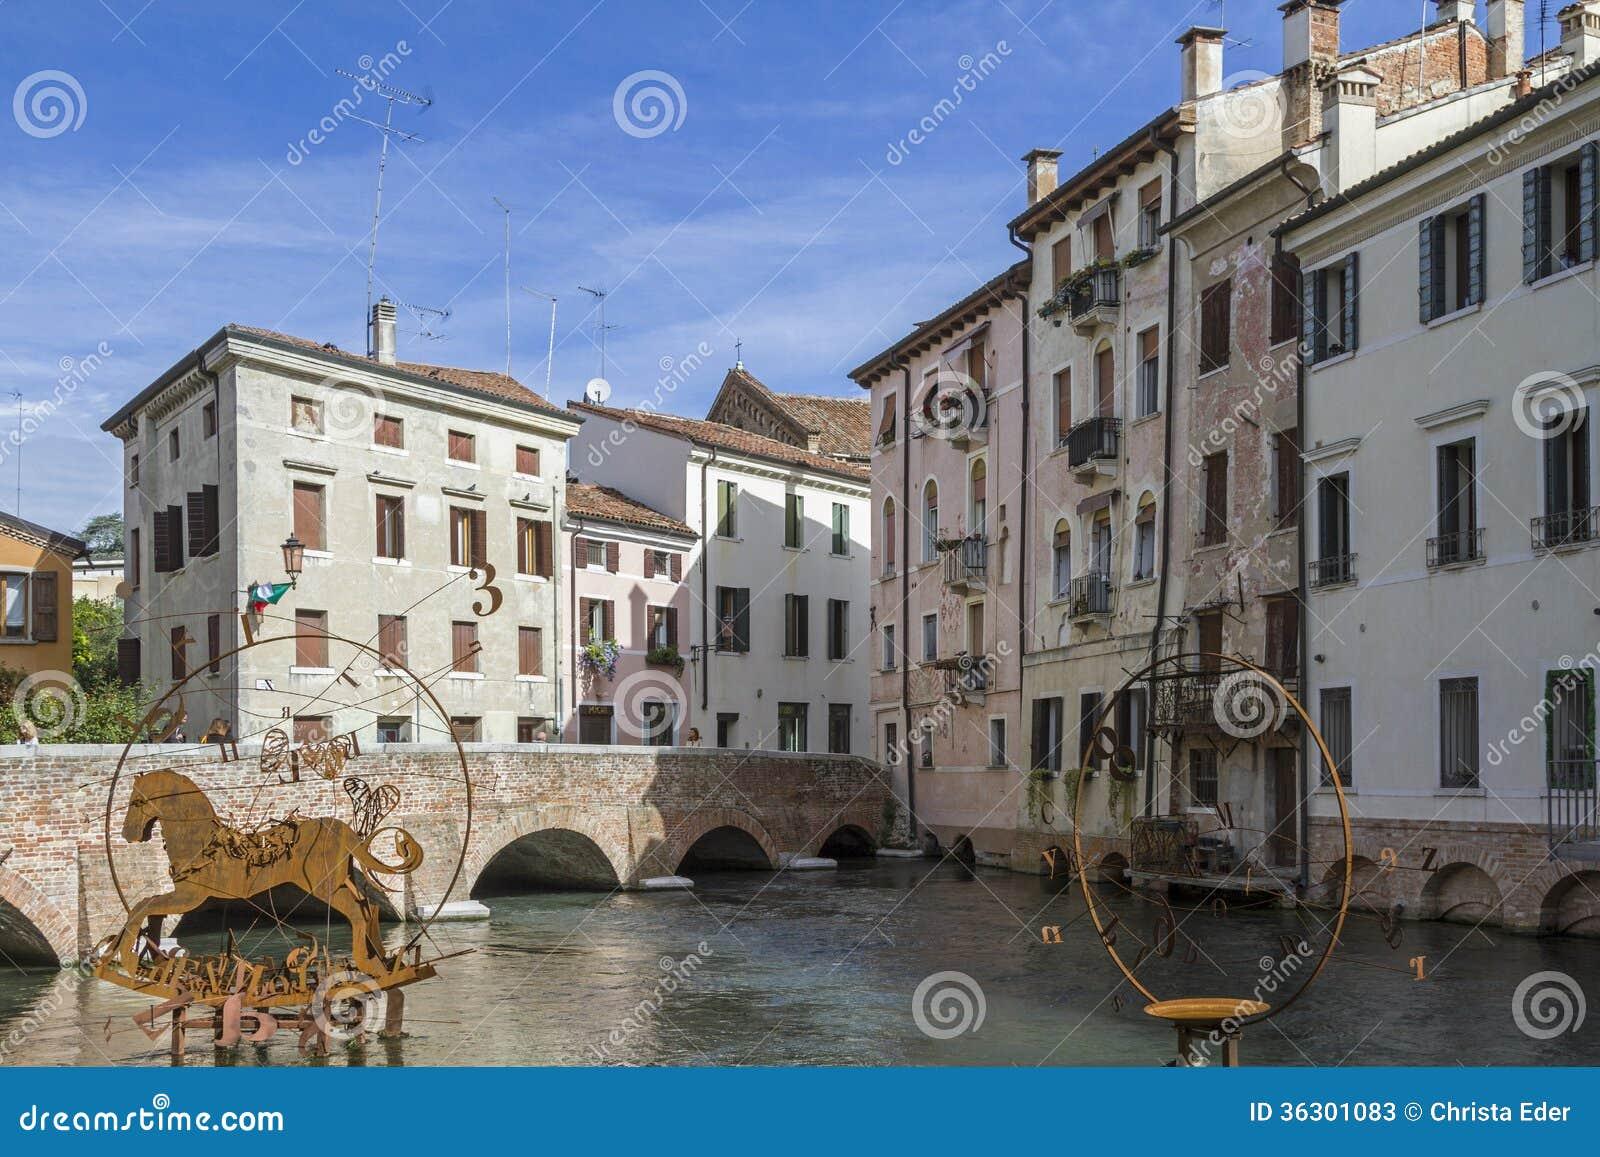 Treviso in Venetien